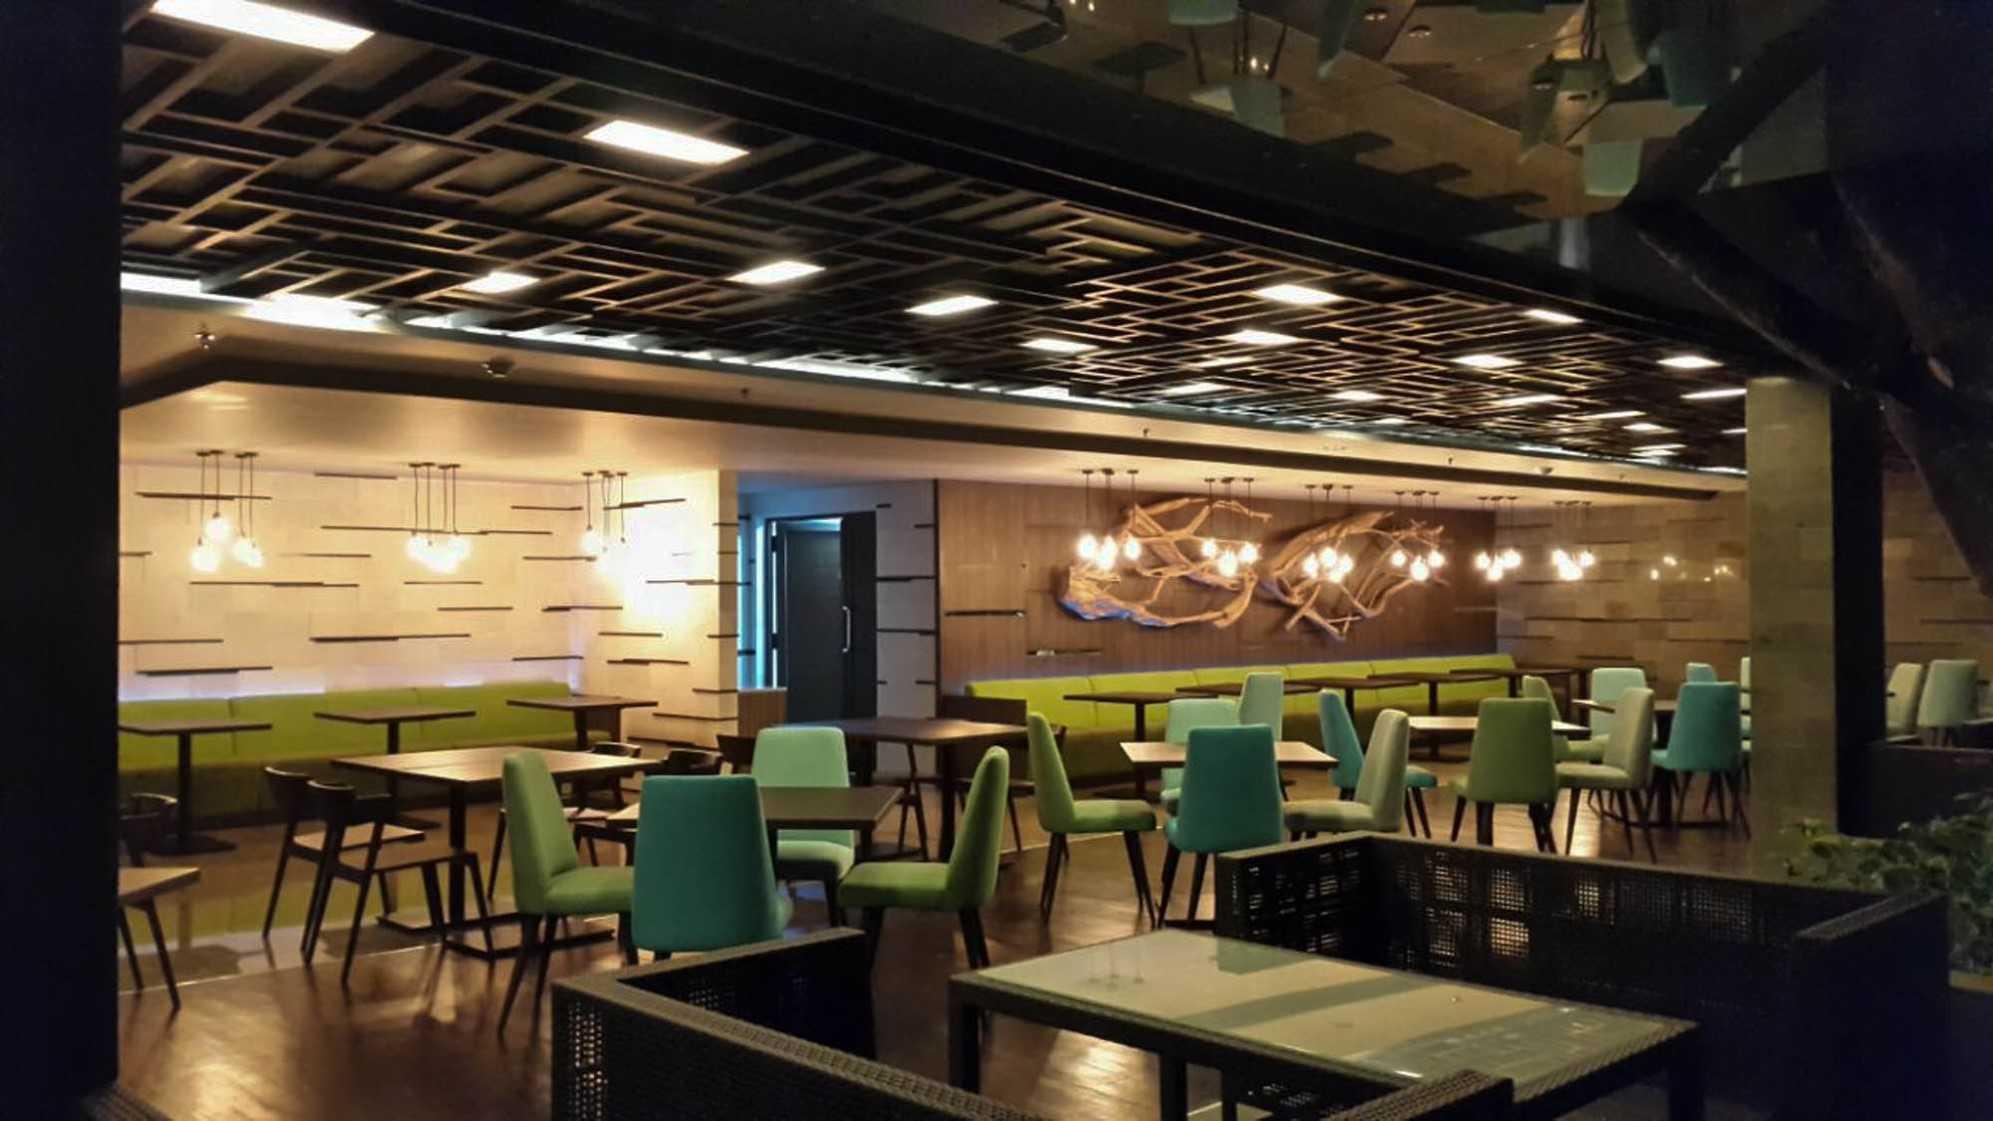 Talenta Interior Hotel Mercure Legian Legian, Kuta, Kabupaten Badung, Bali, Indonesia Legian, Kuta, Kabupaten Badung, Bali, Indonesia Talenta-Interior-Hotel-Mercure-Legian  65505